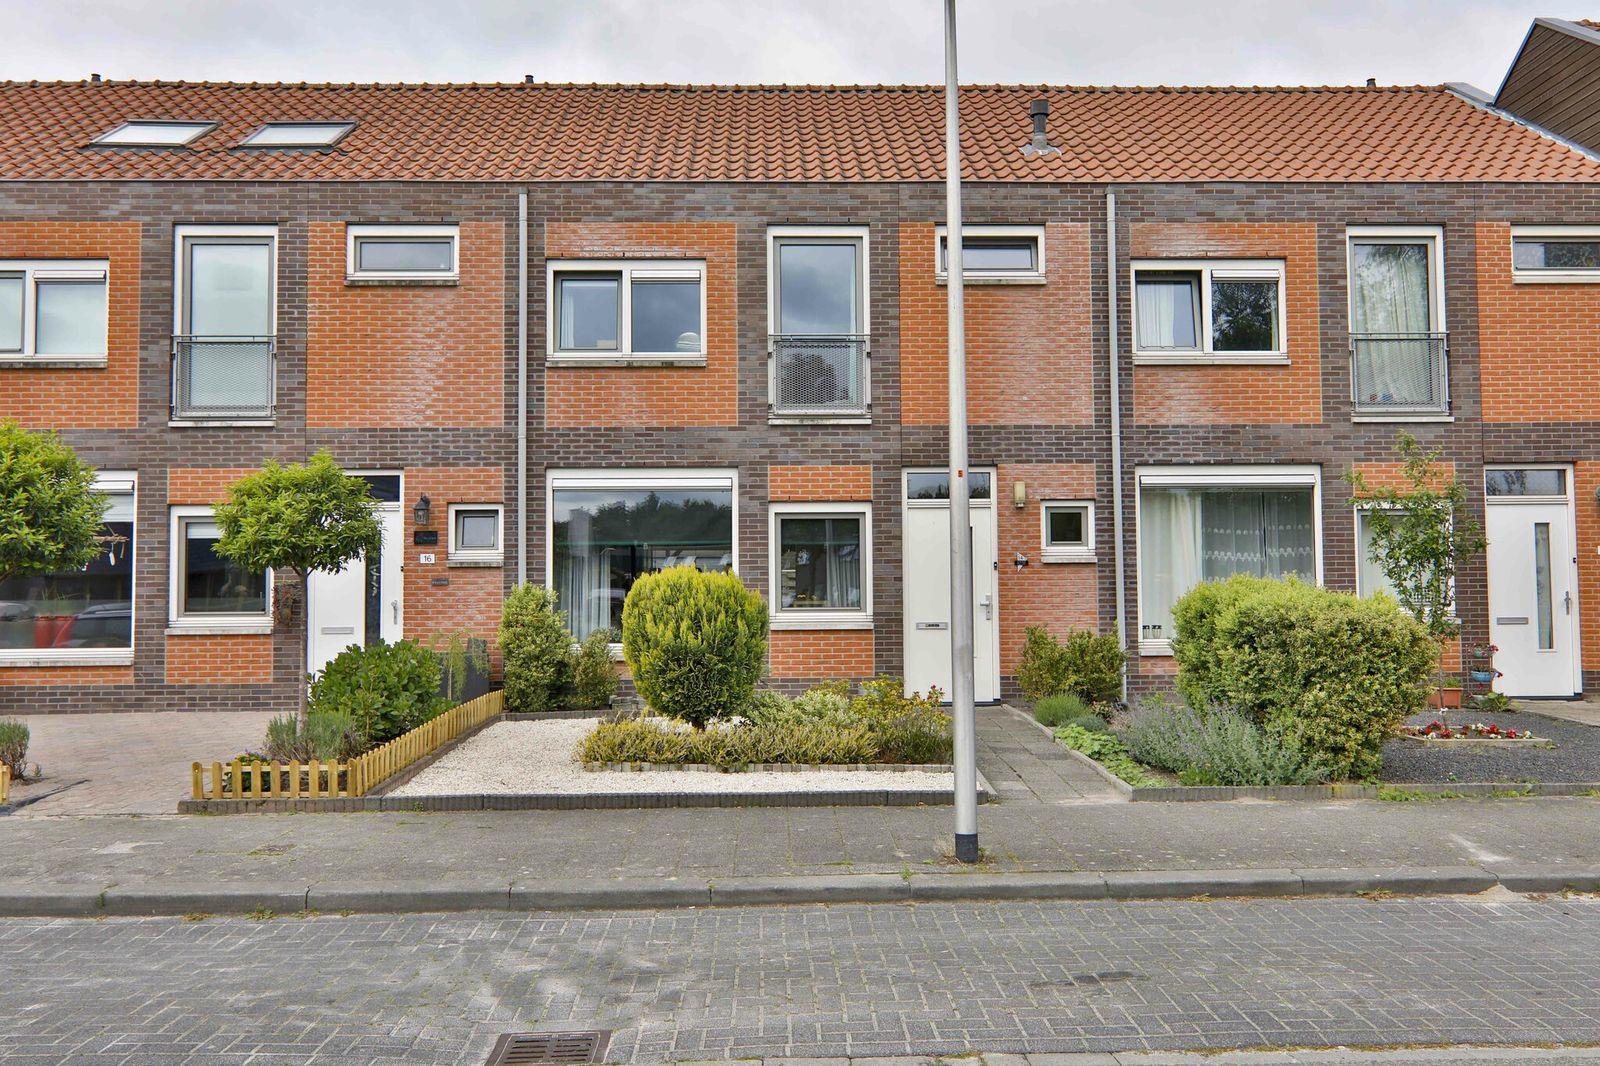 Mathijsenstraat 14, Hoogeveen